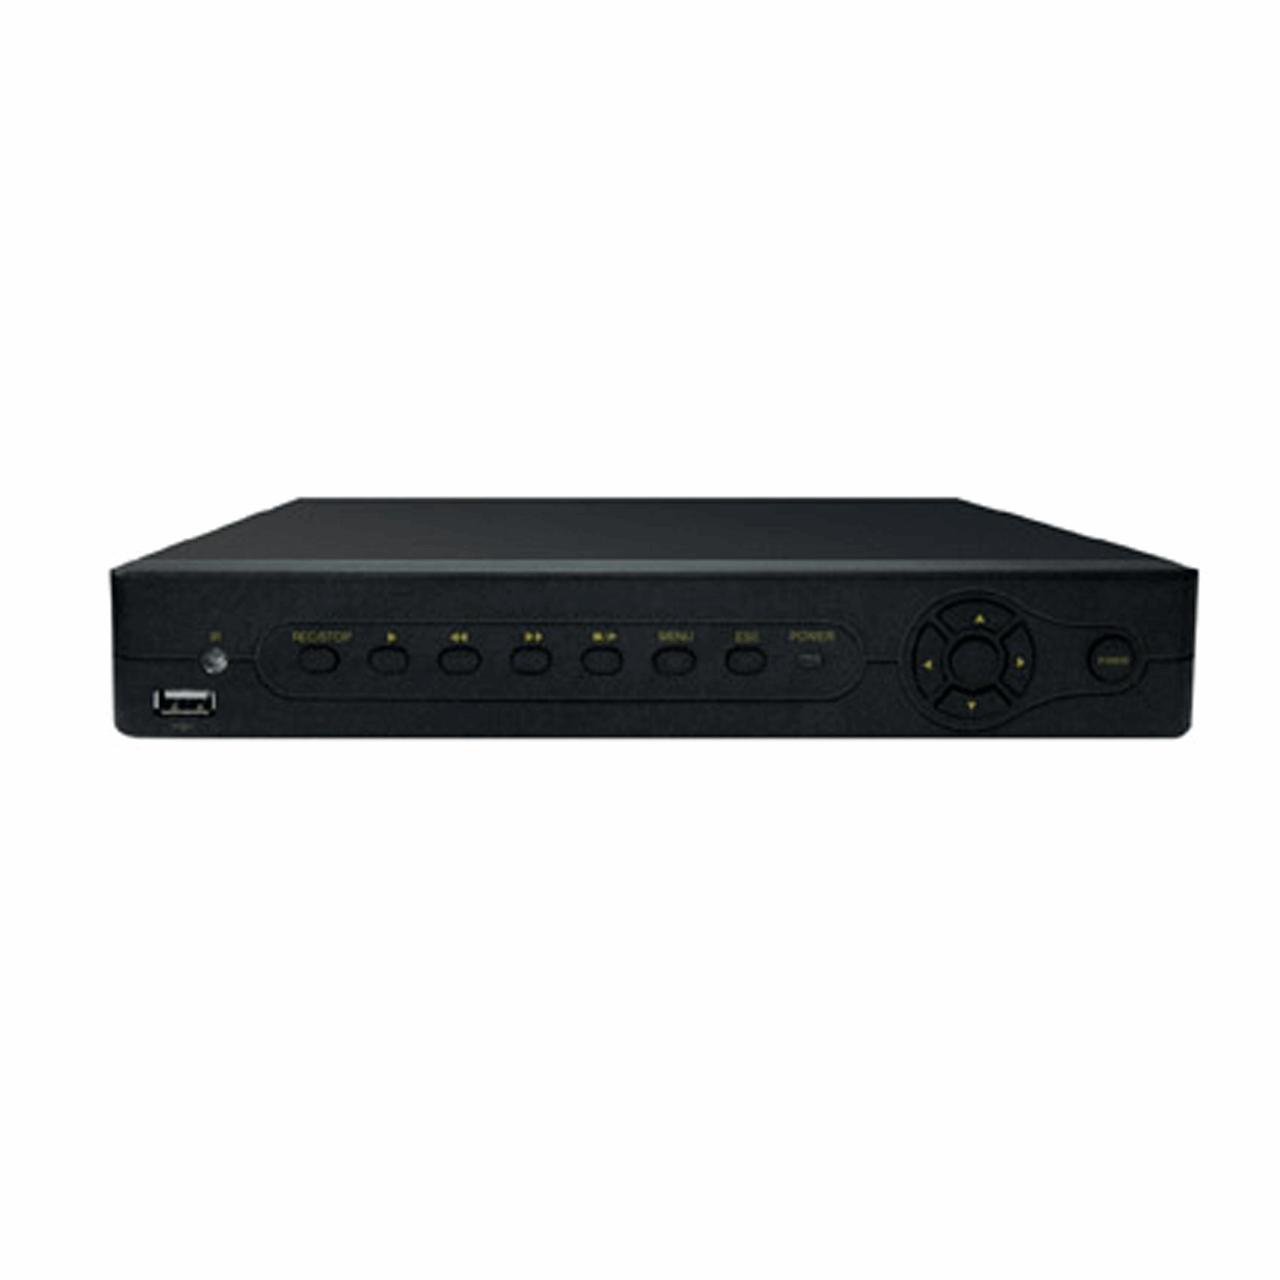 ضبط کننده ویدئویی دوربین مداربسته سینتکس DVR 4001A